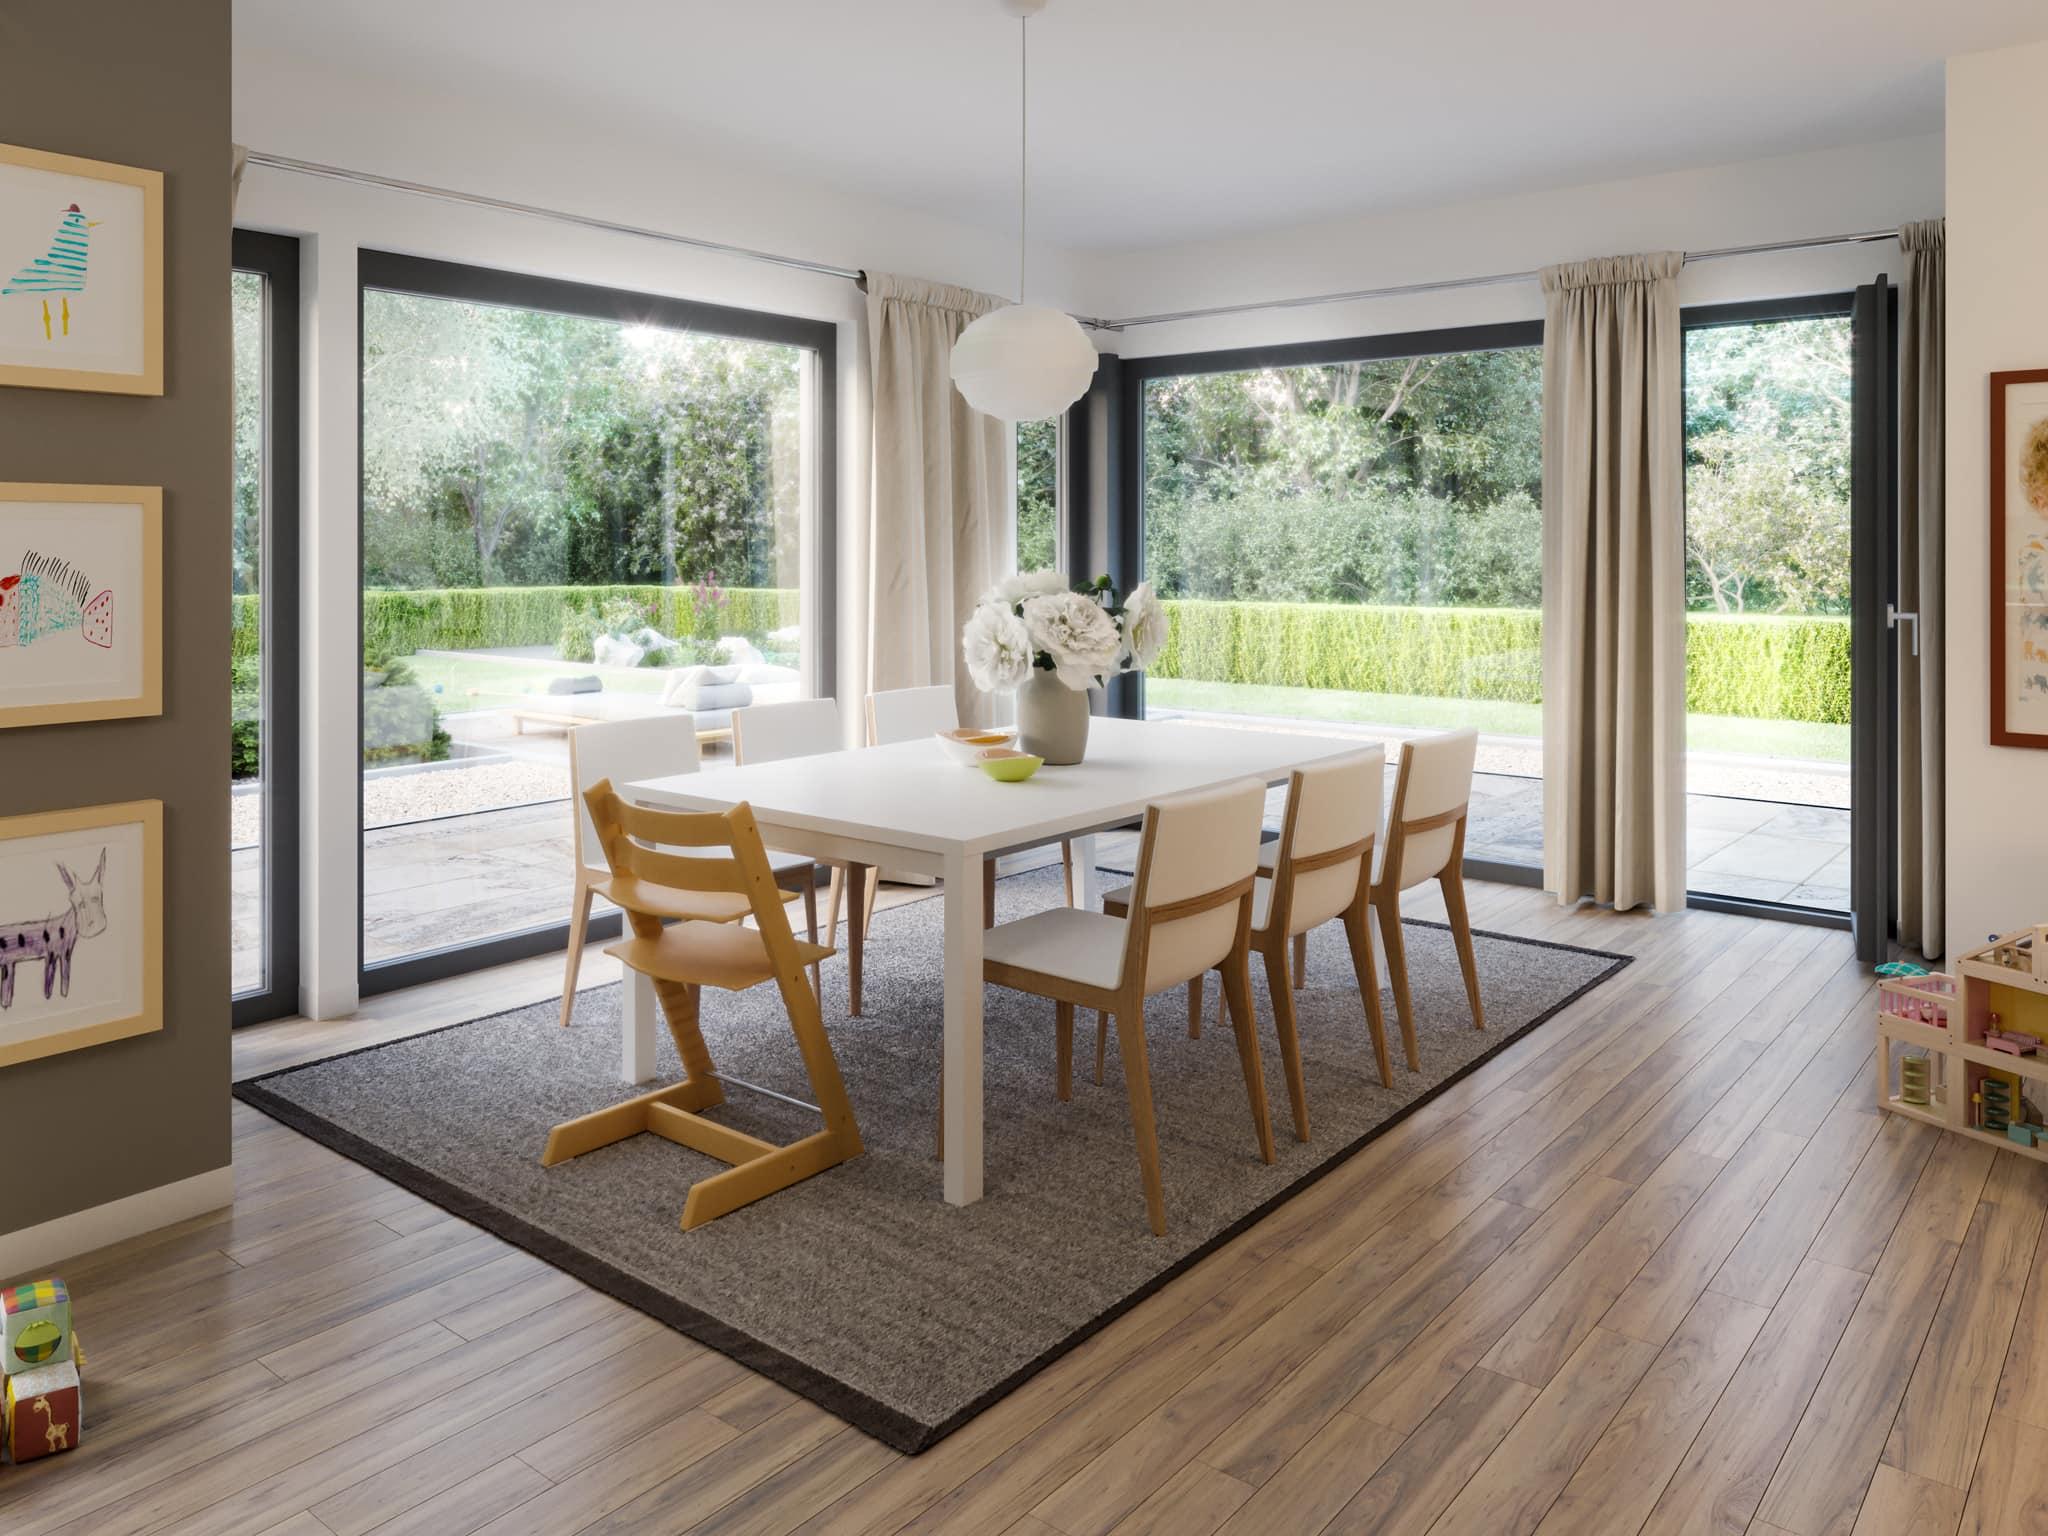 Esszimmer - Ideen Inneneinrichtung Fertighaus Living Haus SUNSHINE 144 V3 - HausbauDirekt.de